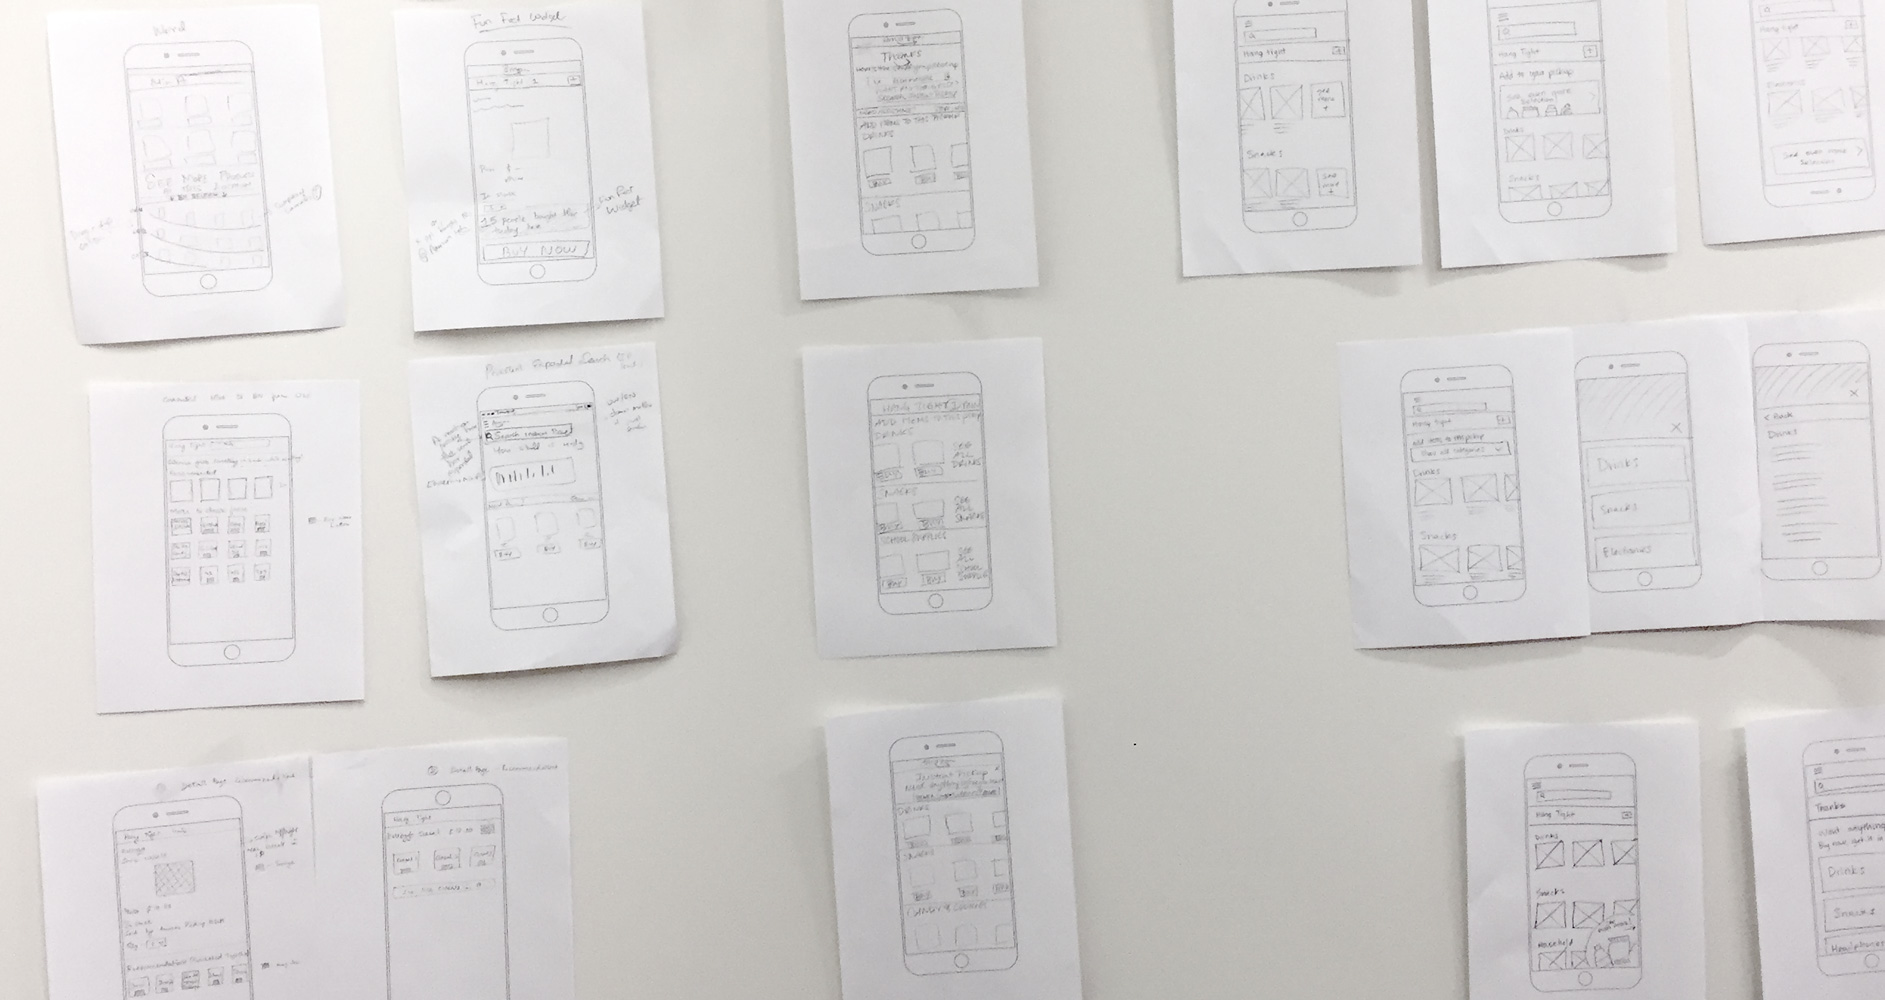 UW-sketches.jpg